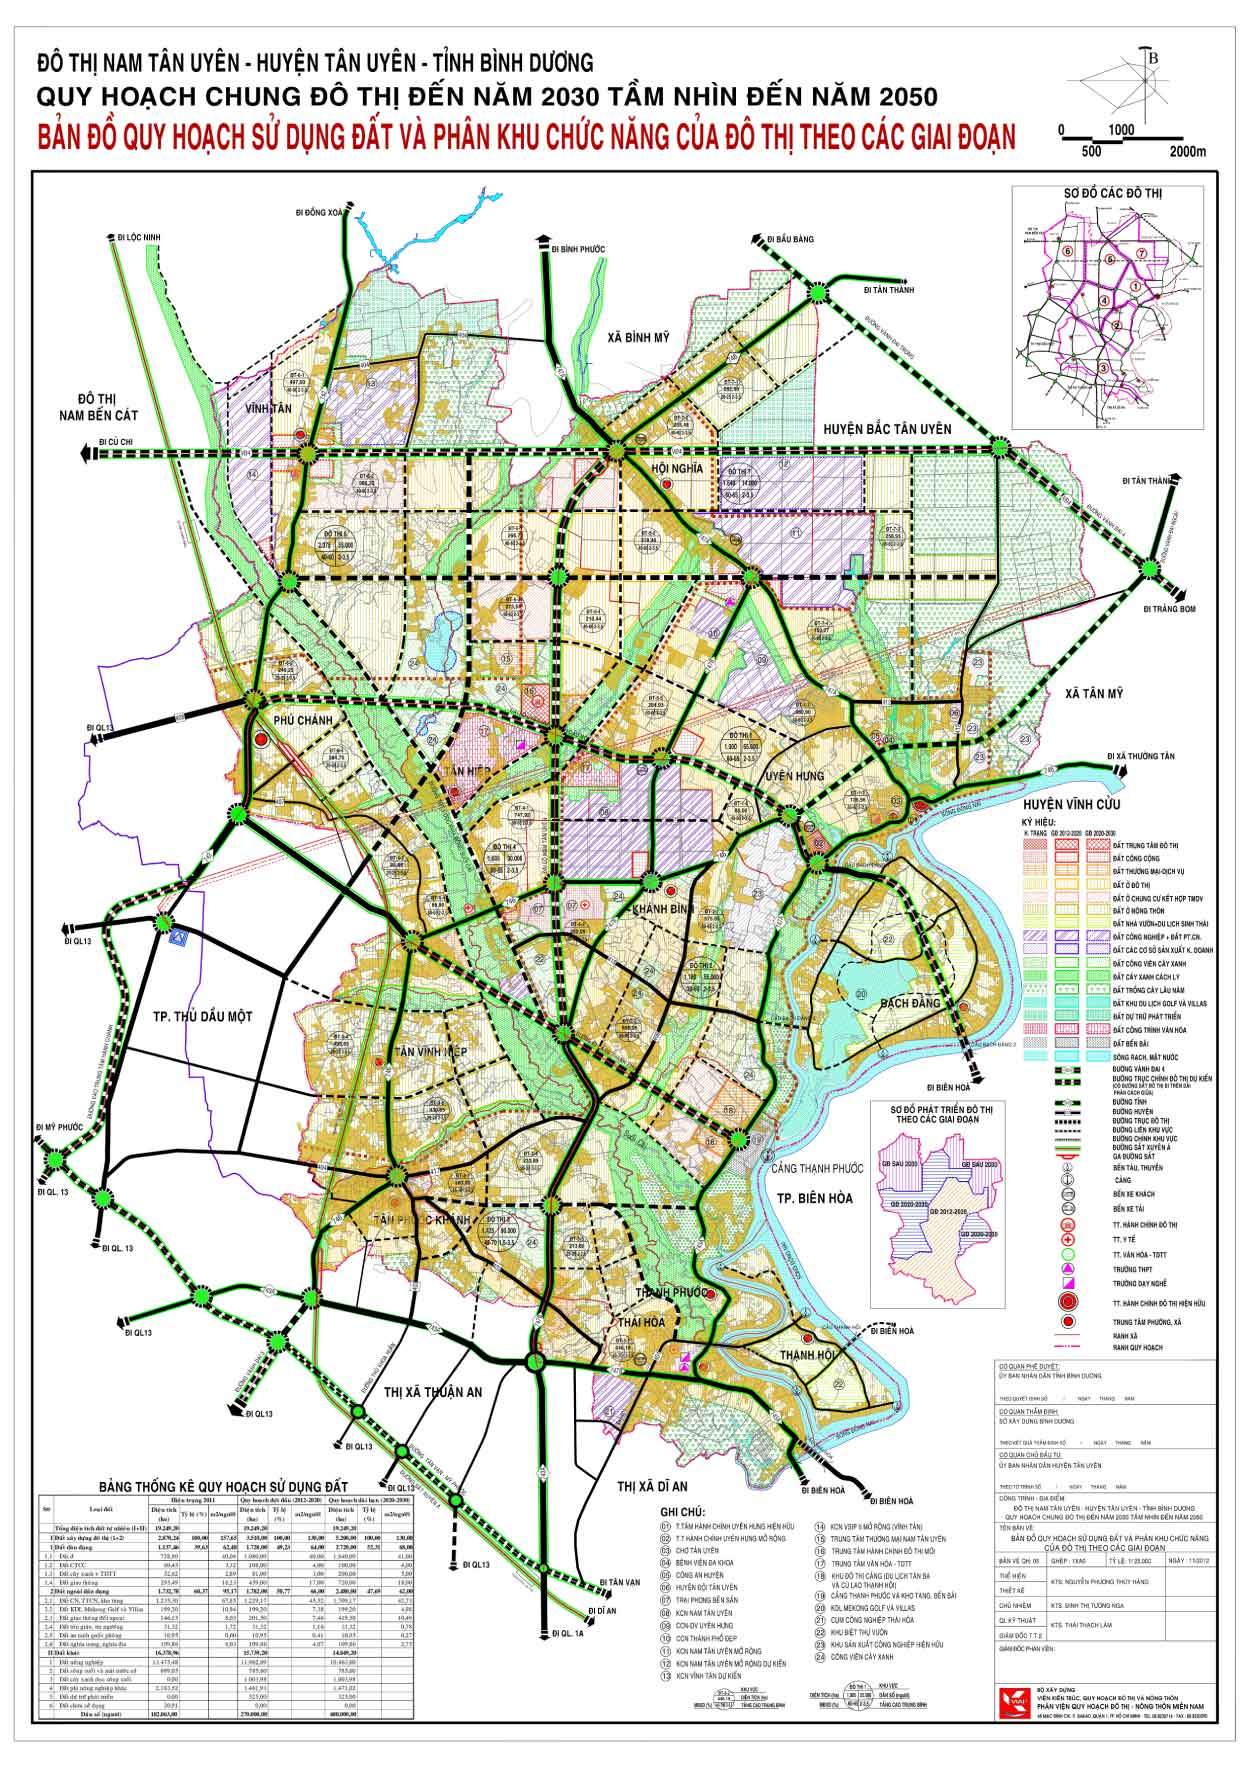 Quy hoạch phát triển đô thị thị xã Tân Uyên Bình Dương